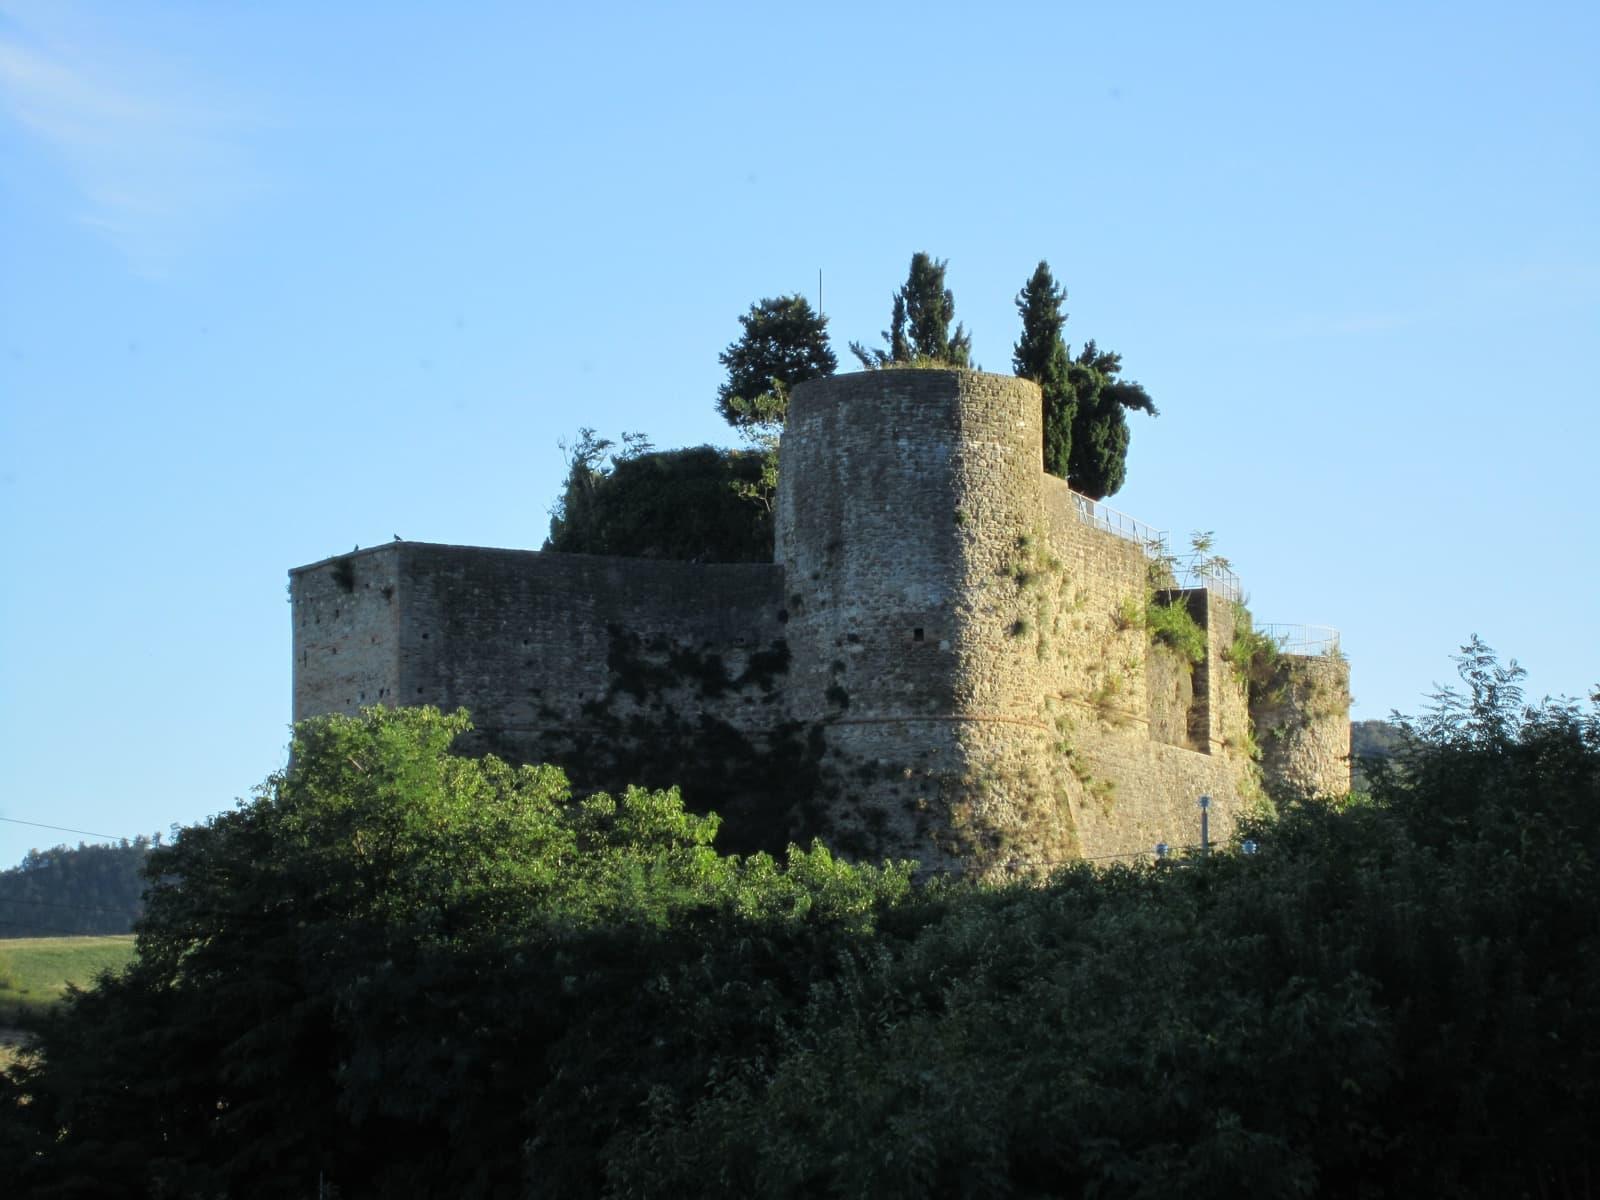 Cimitero Monumentale Predappio Fc predappio   emilia romagna turismo